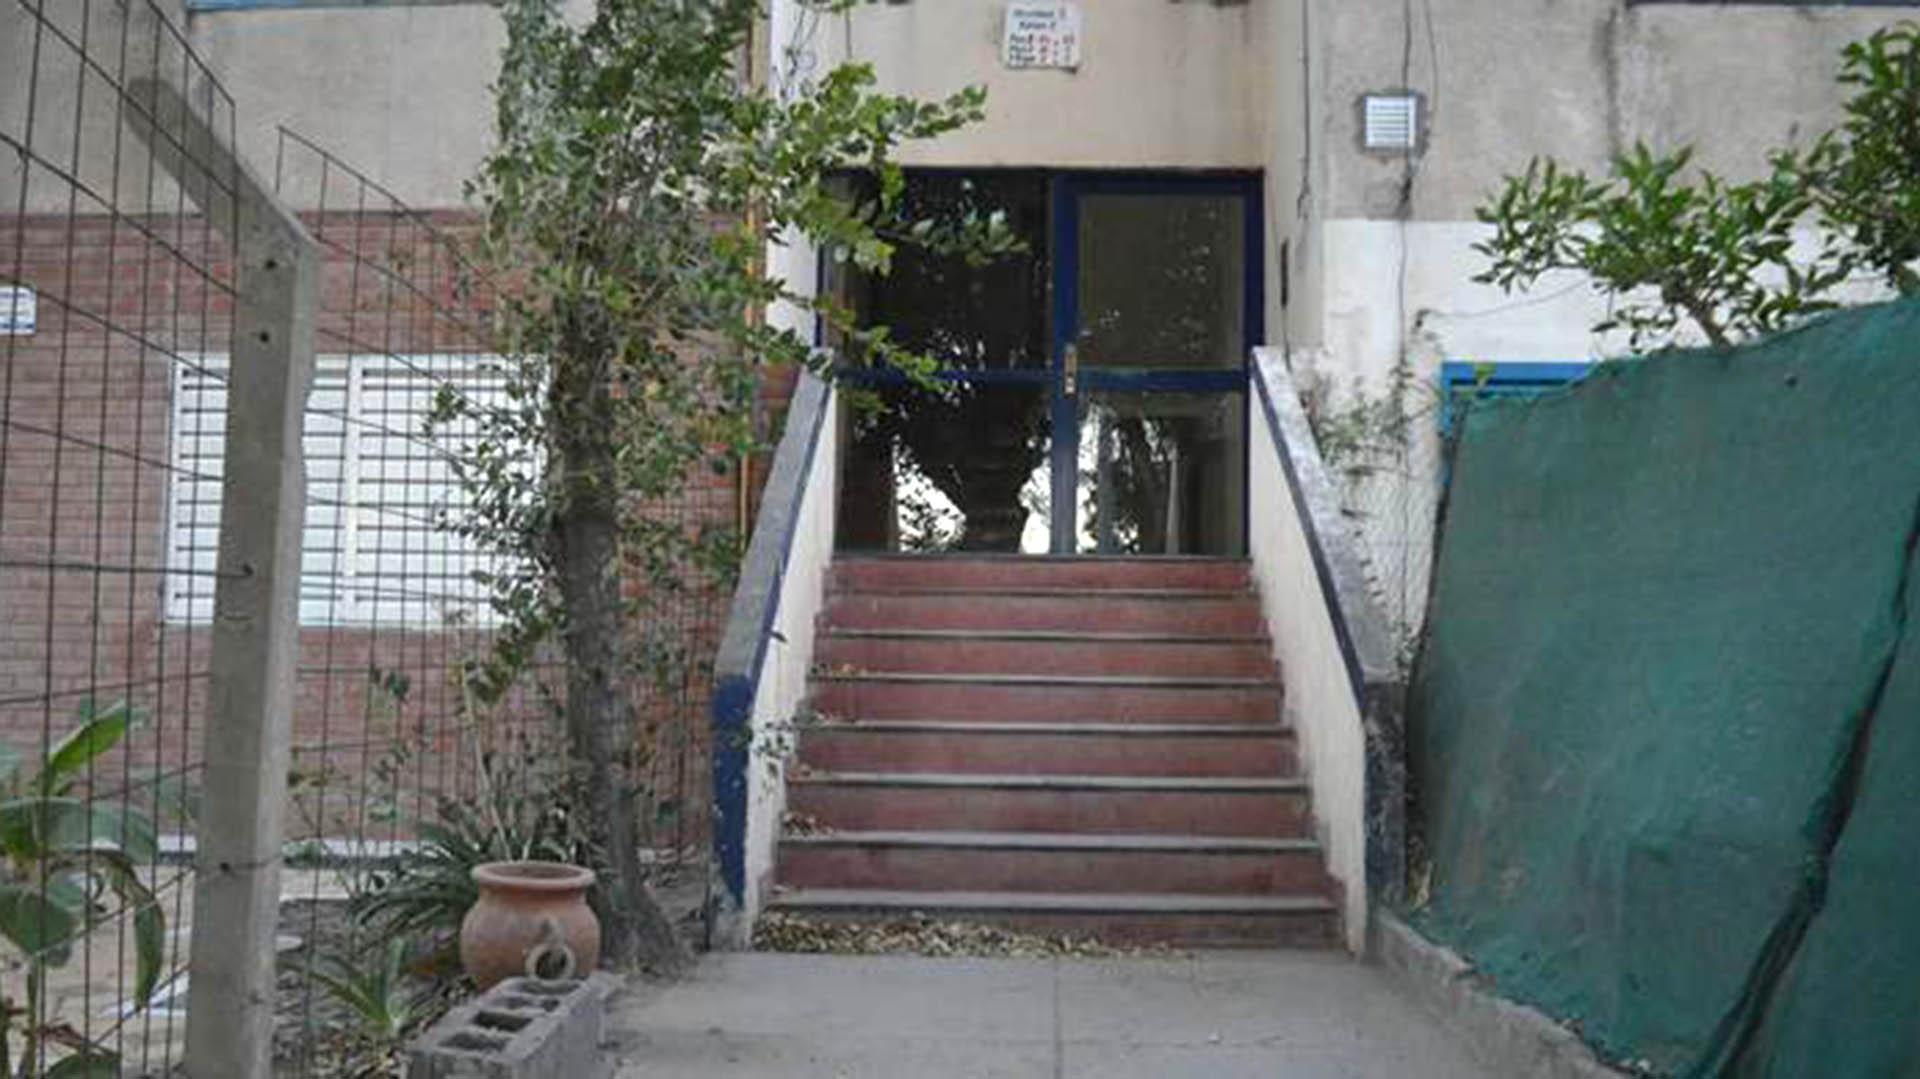 La escalinata de uno de los monoblocks del barrio Rucci donde quedó tirada Agustina Bustos